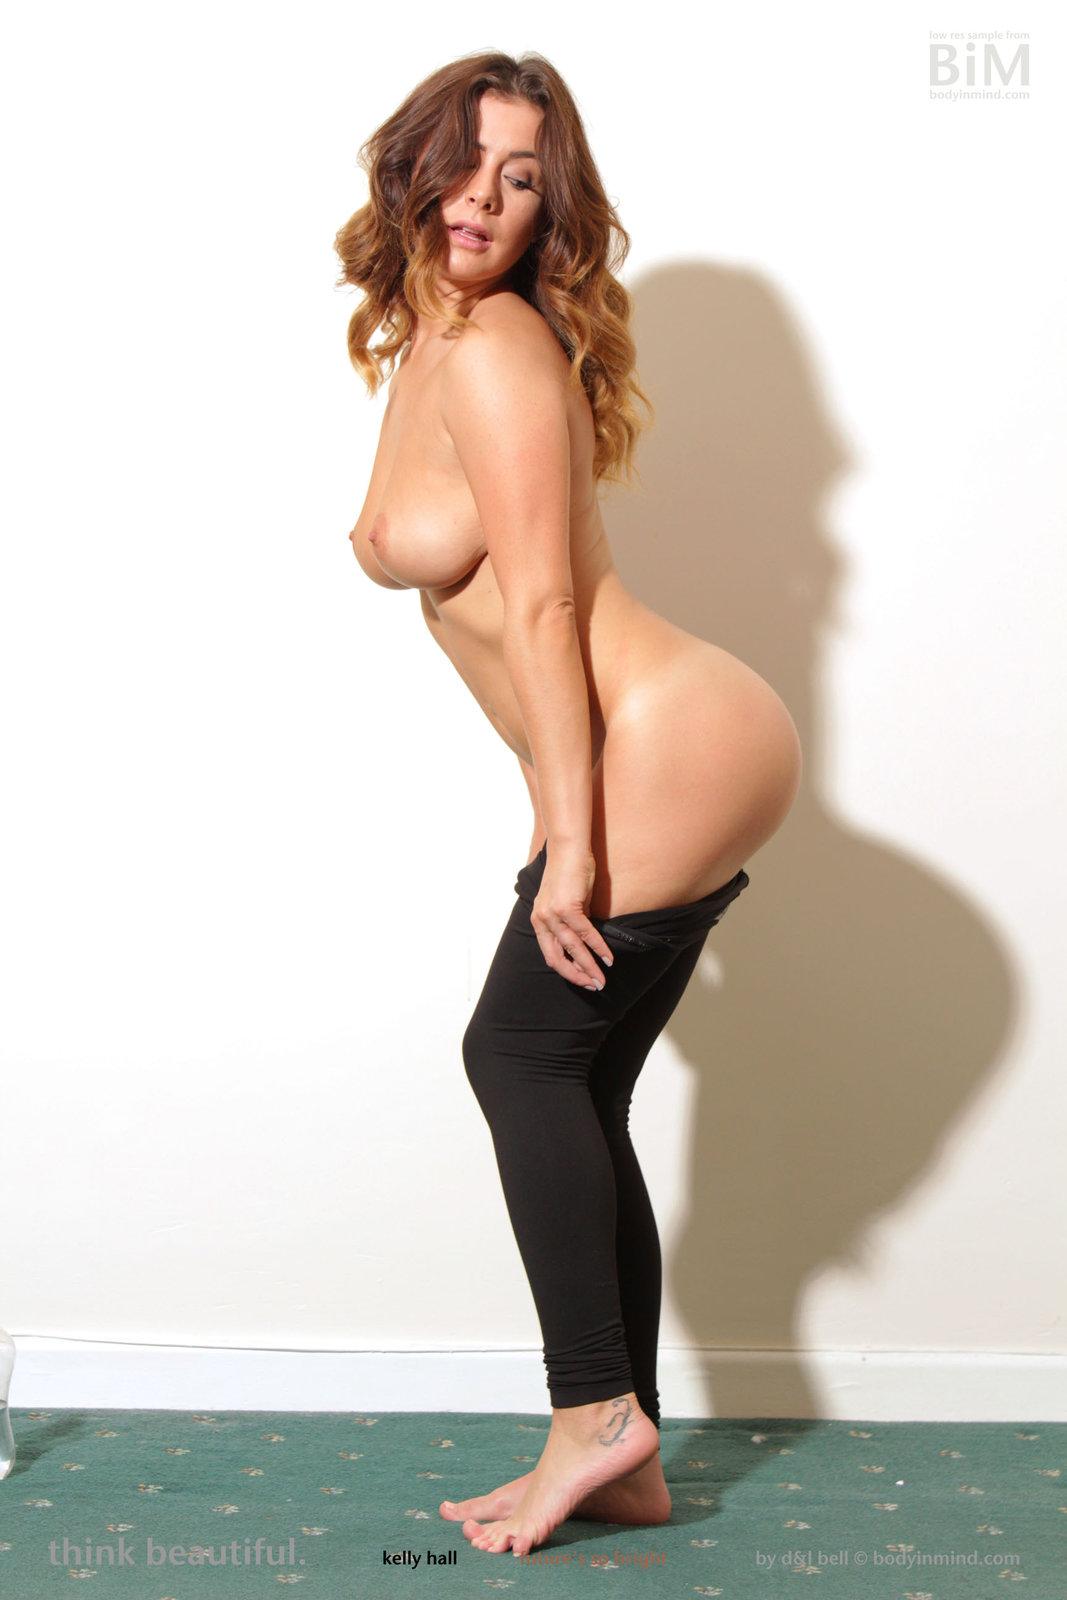 Zdjęcie porno - 104 - Idealnie krągłe ciałko